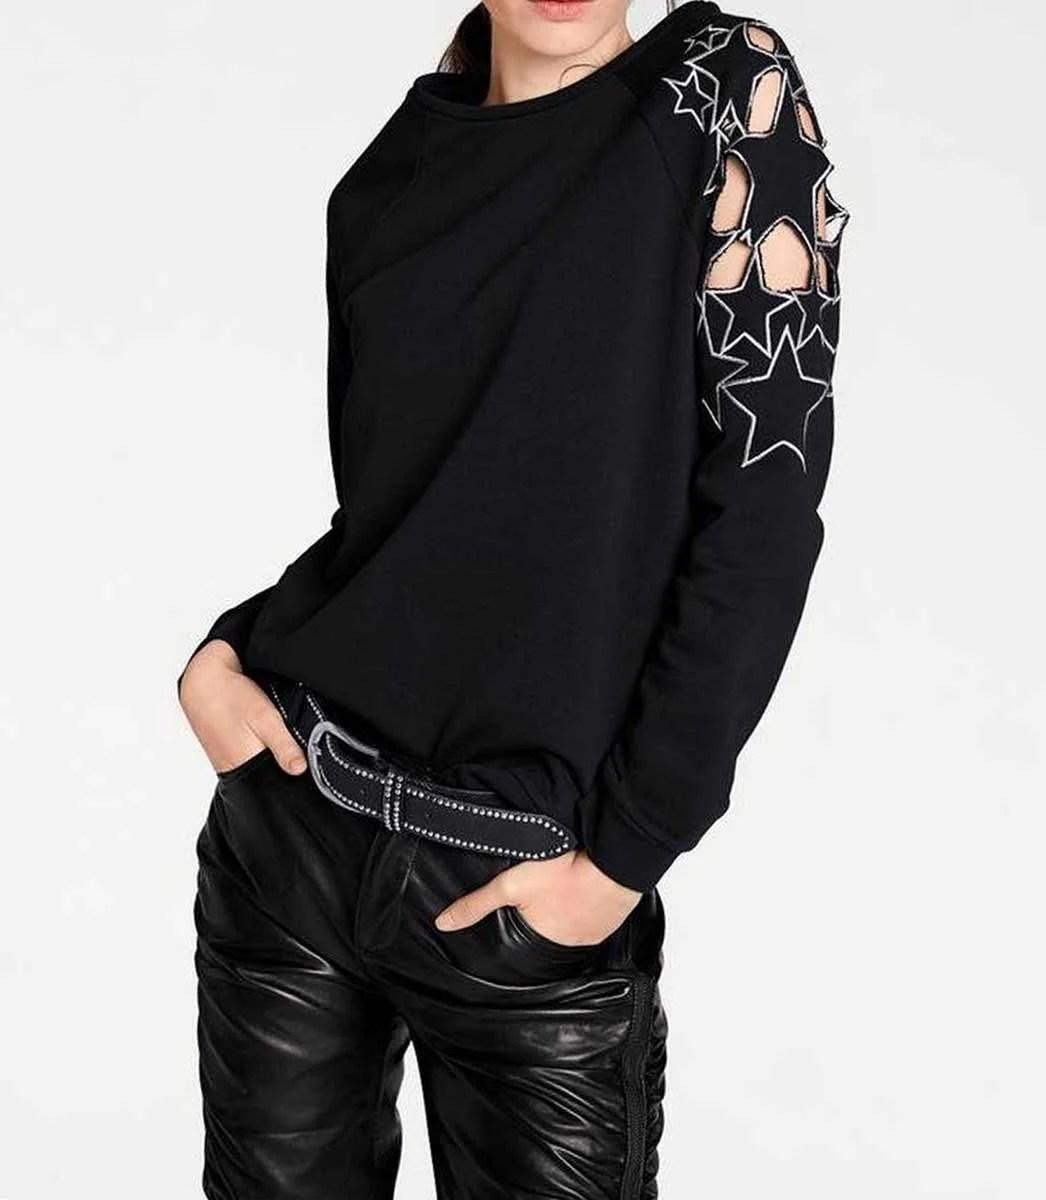 073.399 HEINE Damen Designer-Sweatshirt m. Stickerei Schwarz